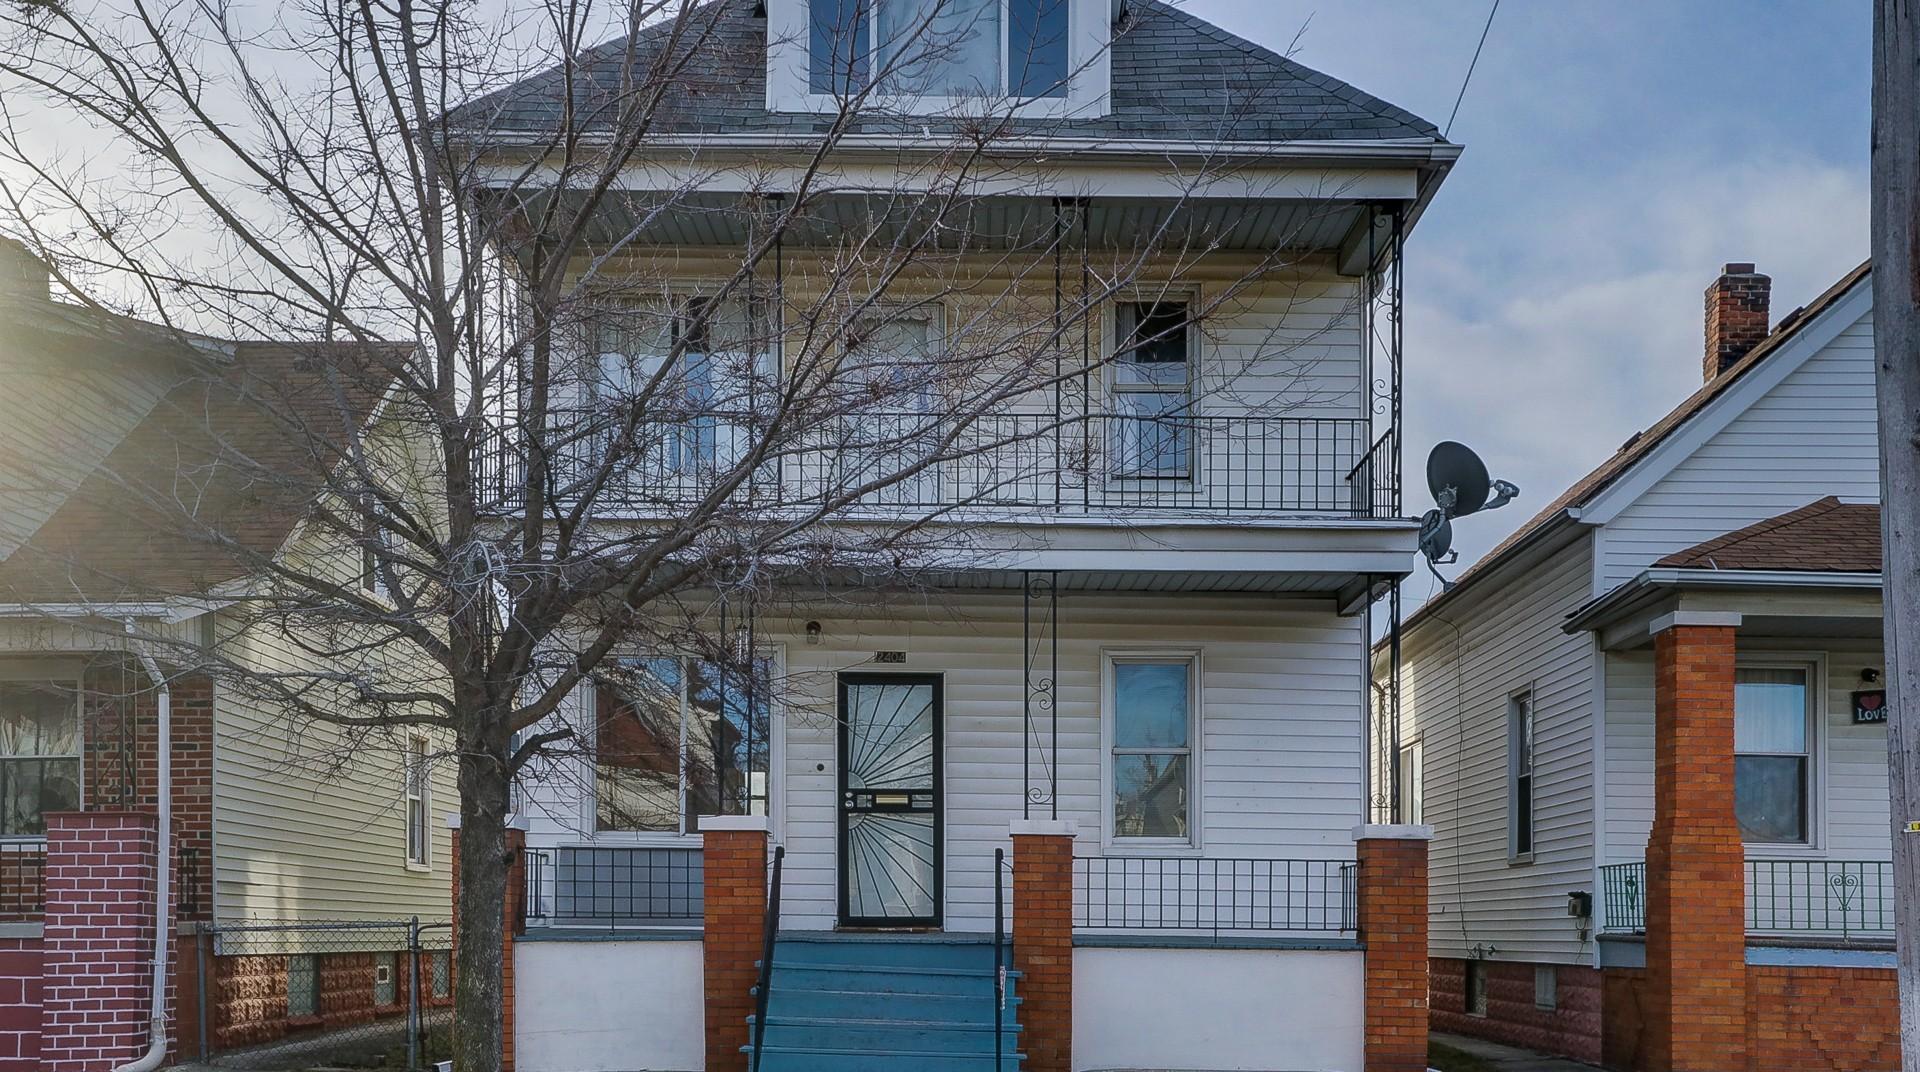 12918 St Louis St Detroit Mi 48212 2 Bedroom Apartment For Rent Padmapper